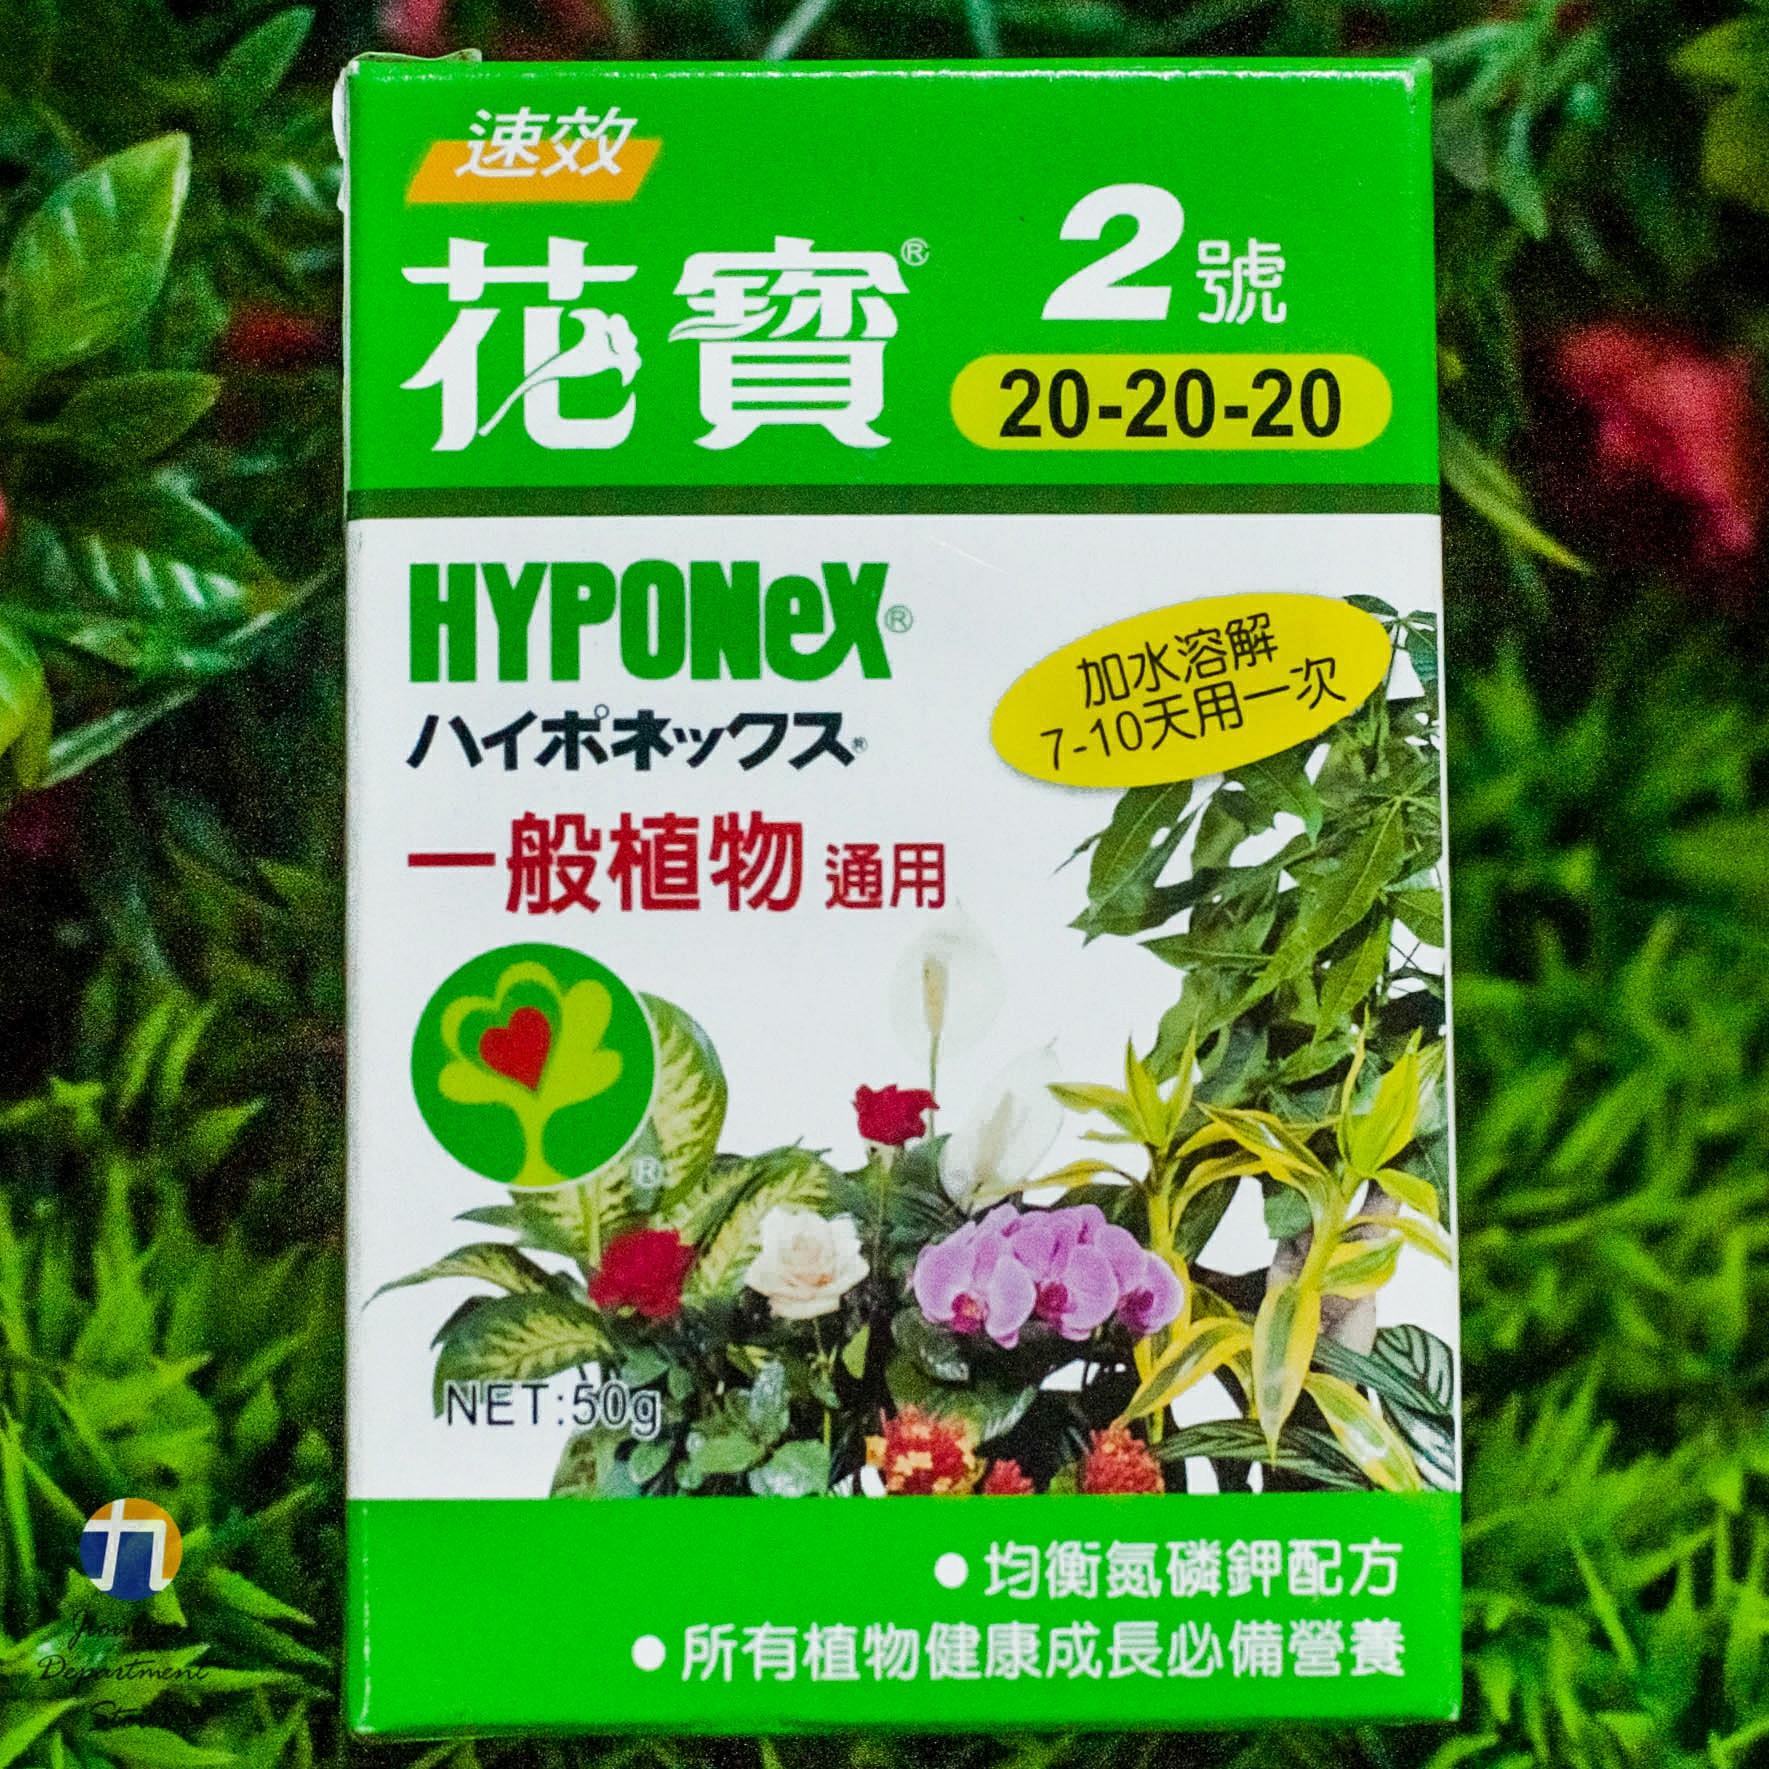 {九聯百貨} 花寶牌 花寶2號 (20-20-20) 一般植物通用 肥料 50公克 1入